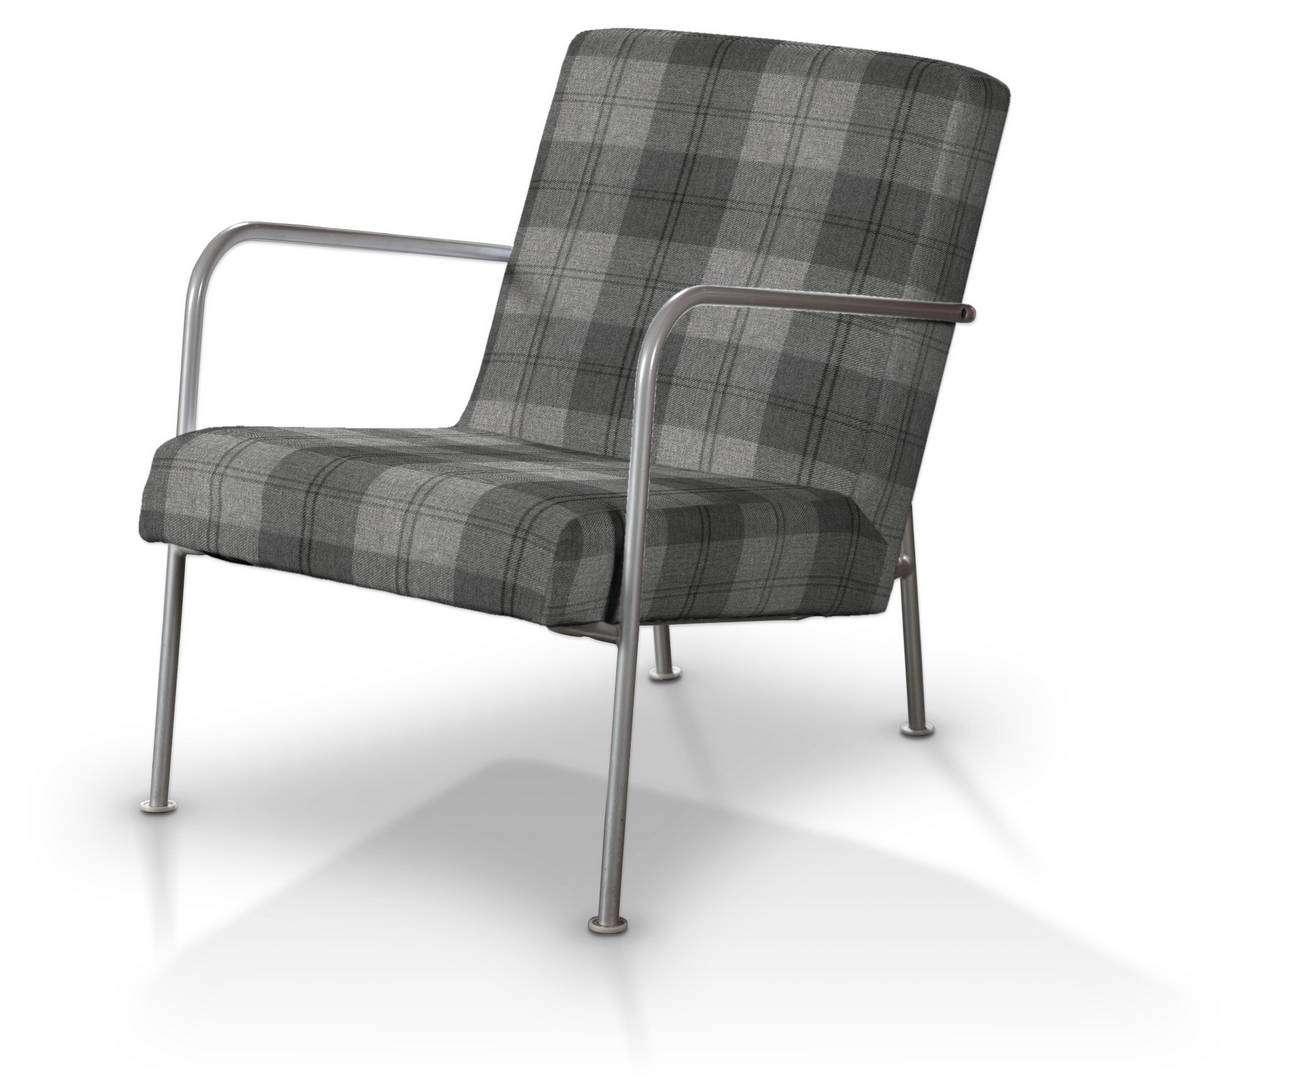 Pokrowiec na fotel Ikea PS w kolekcji Edinburgh, tkanina: 115-75